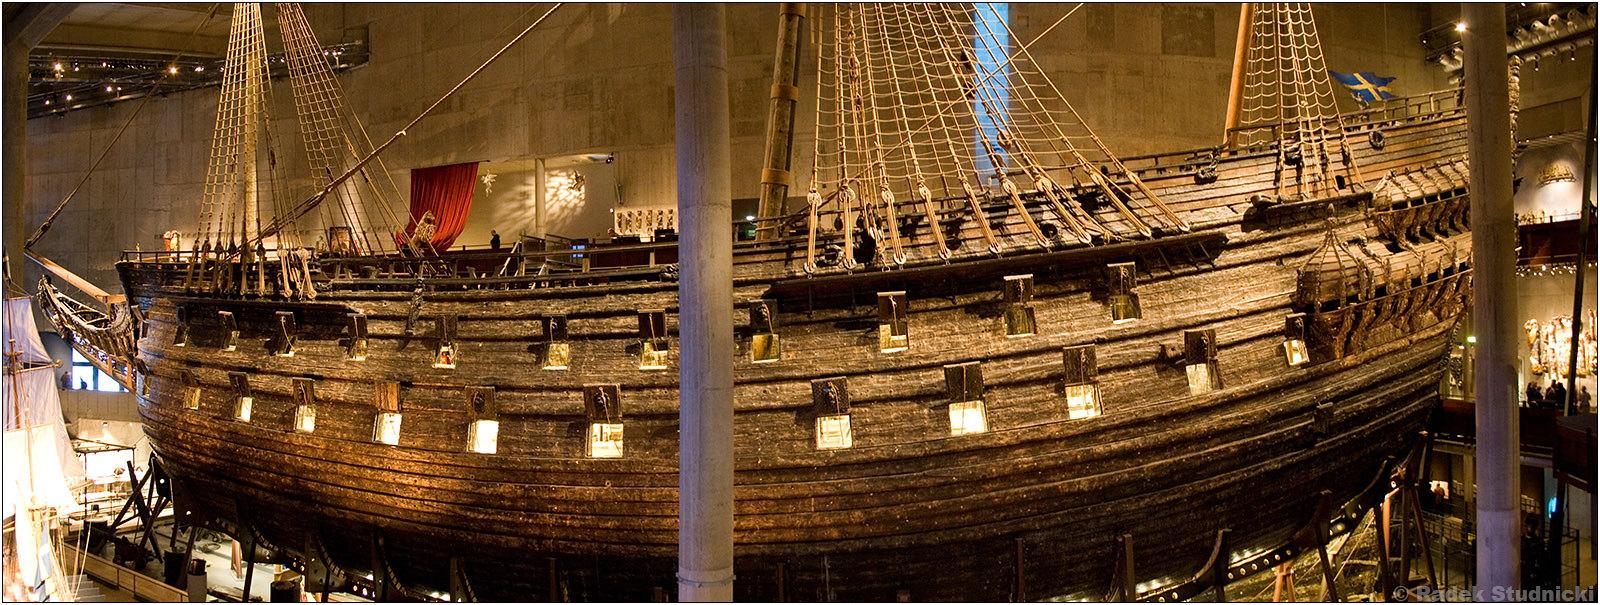 Okręt Waza w Sztokholmie